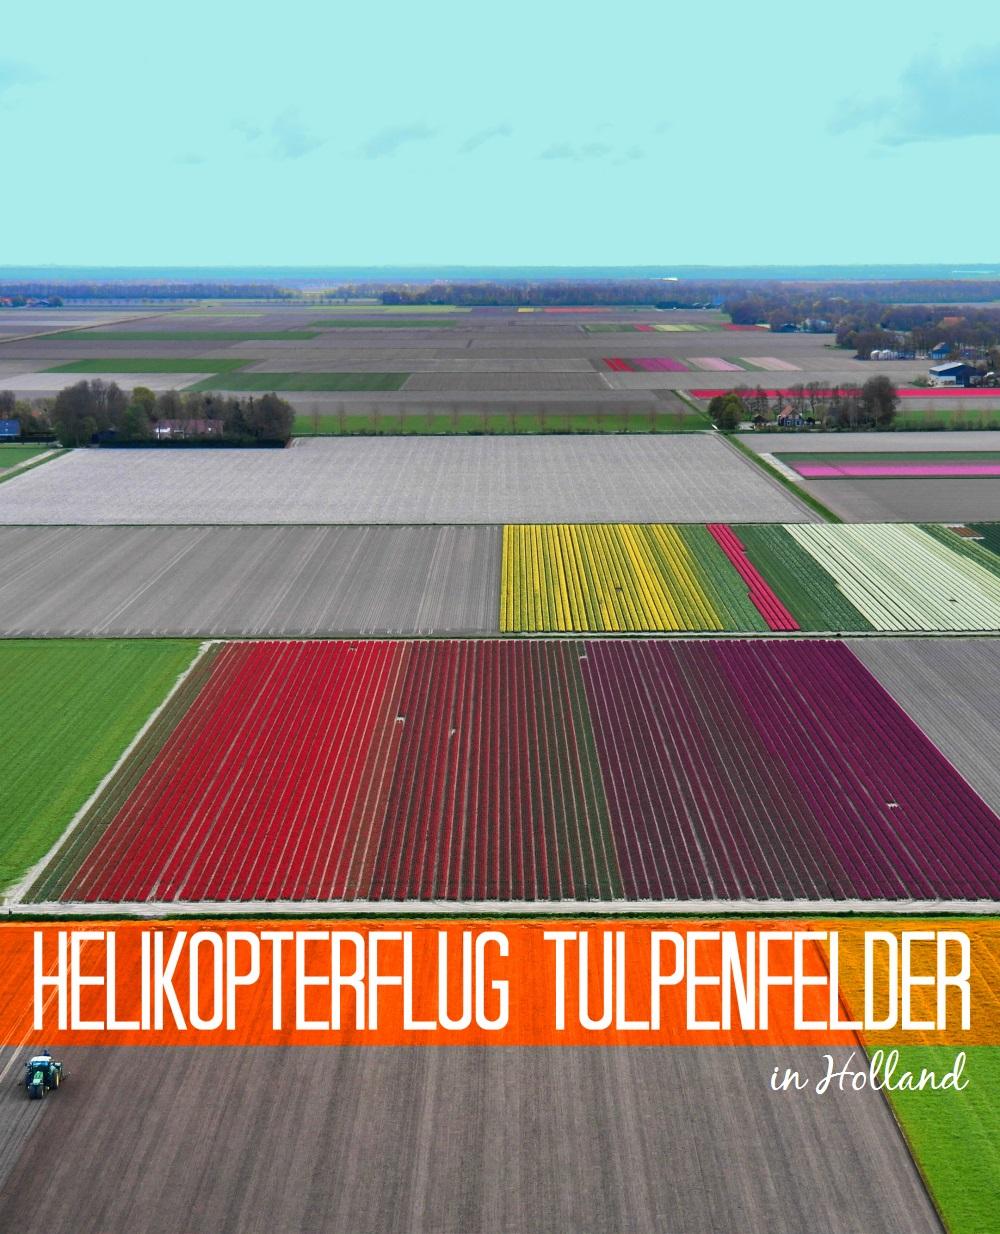 Helikopterflug über die Tulpenfelder in HollandHelikopterflug über die Tulpenfelder in Holland